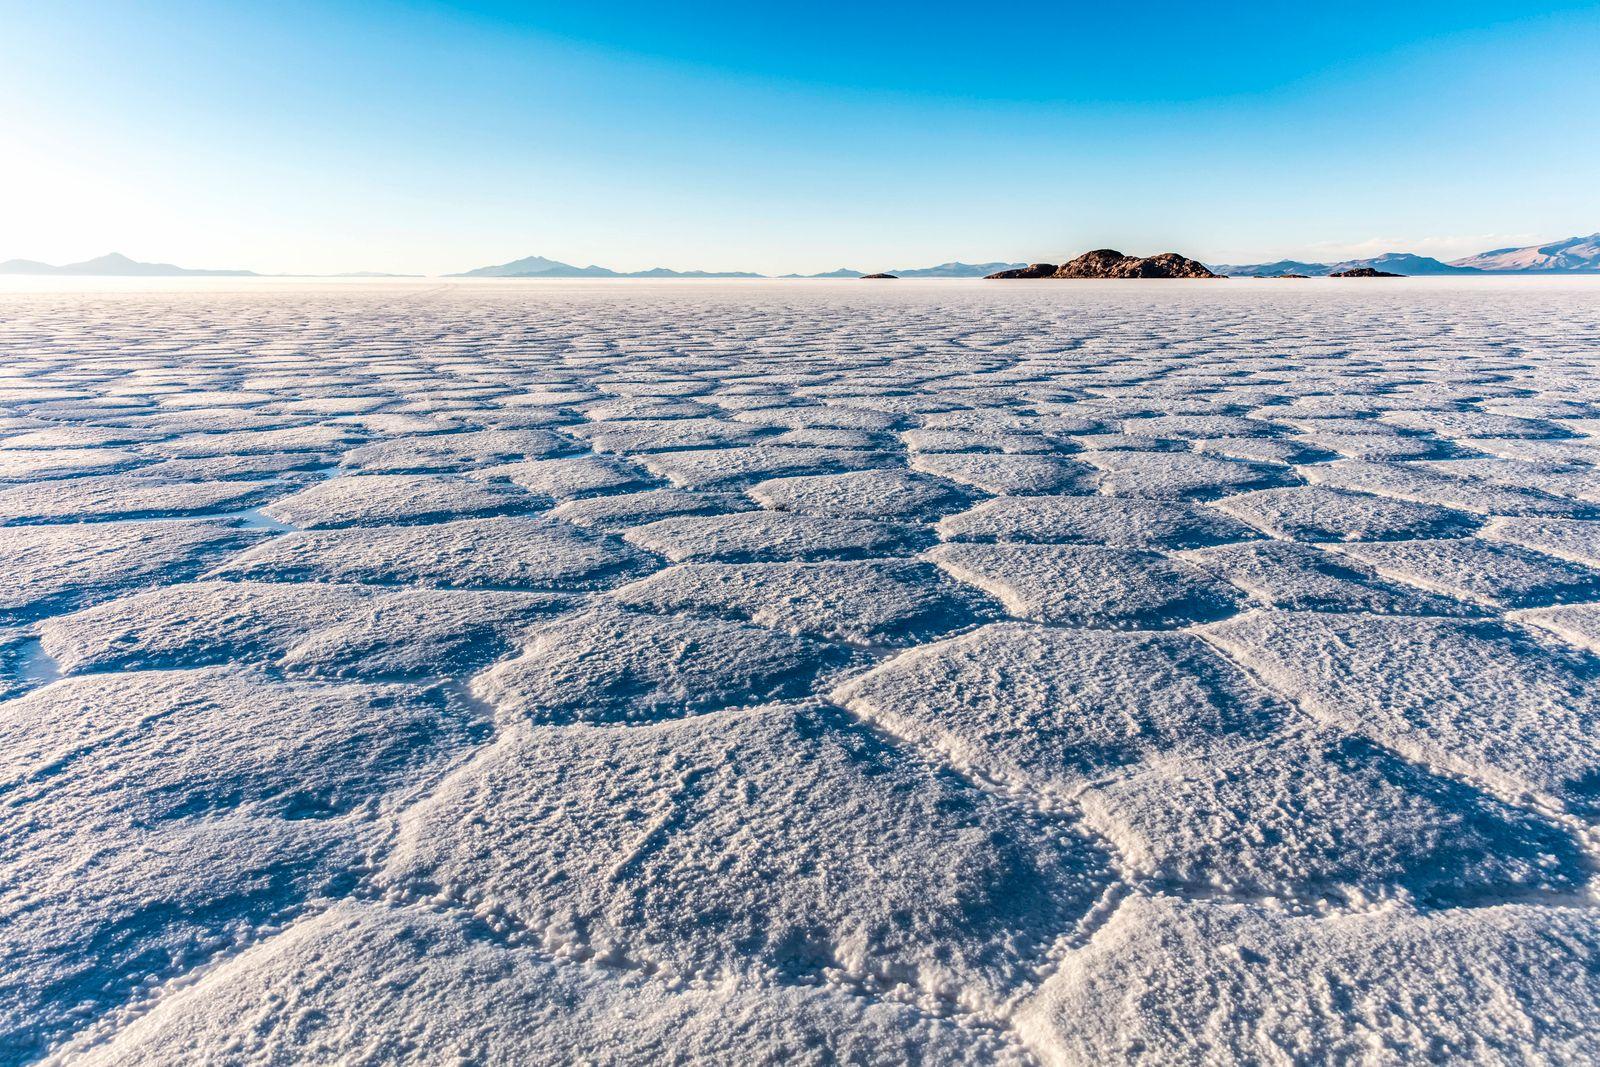 Landscape in the Salar de Uyuni; Potosi, Bolivia PUBLICATIONxINxGERxSUIxAUTxONLY Copyright: O NeilxCastro 12988001